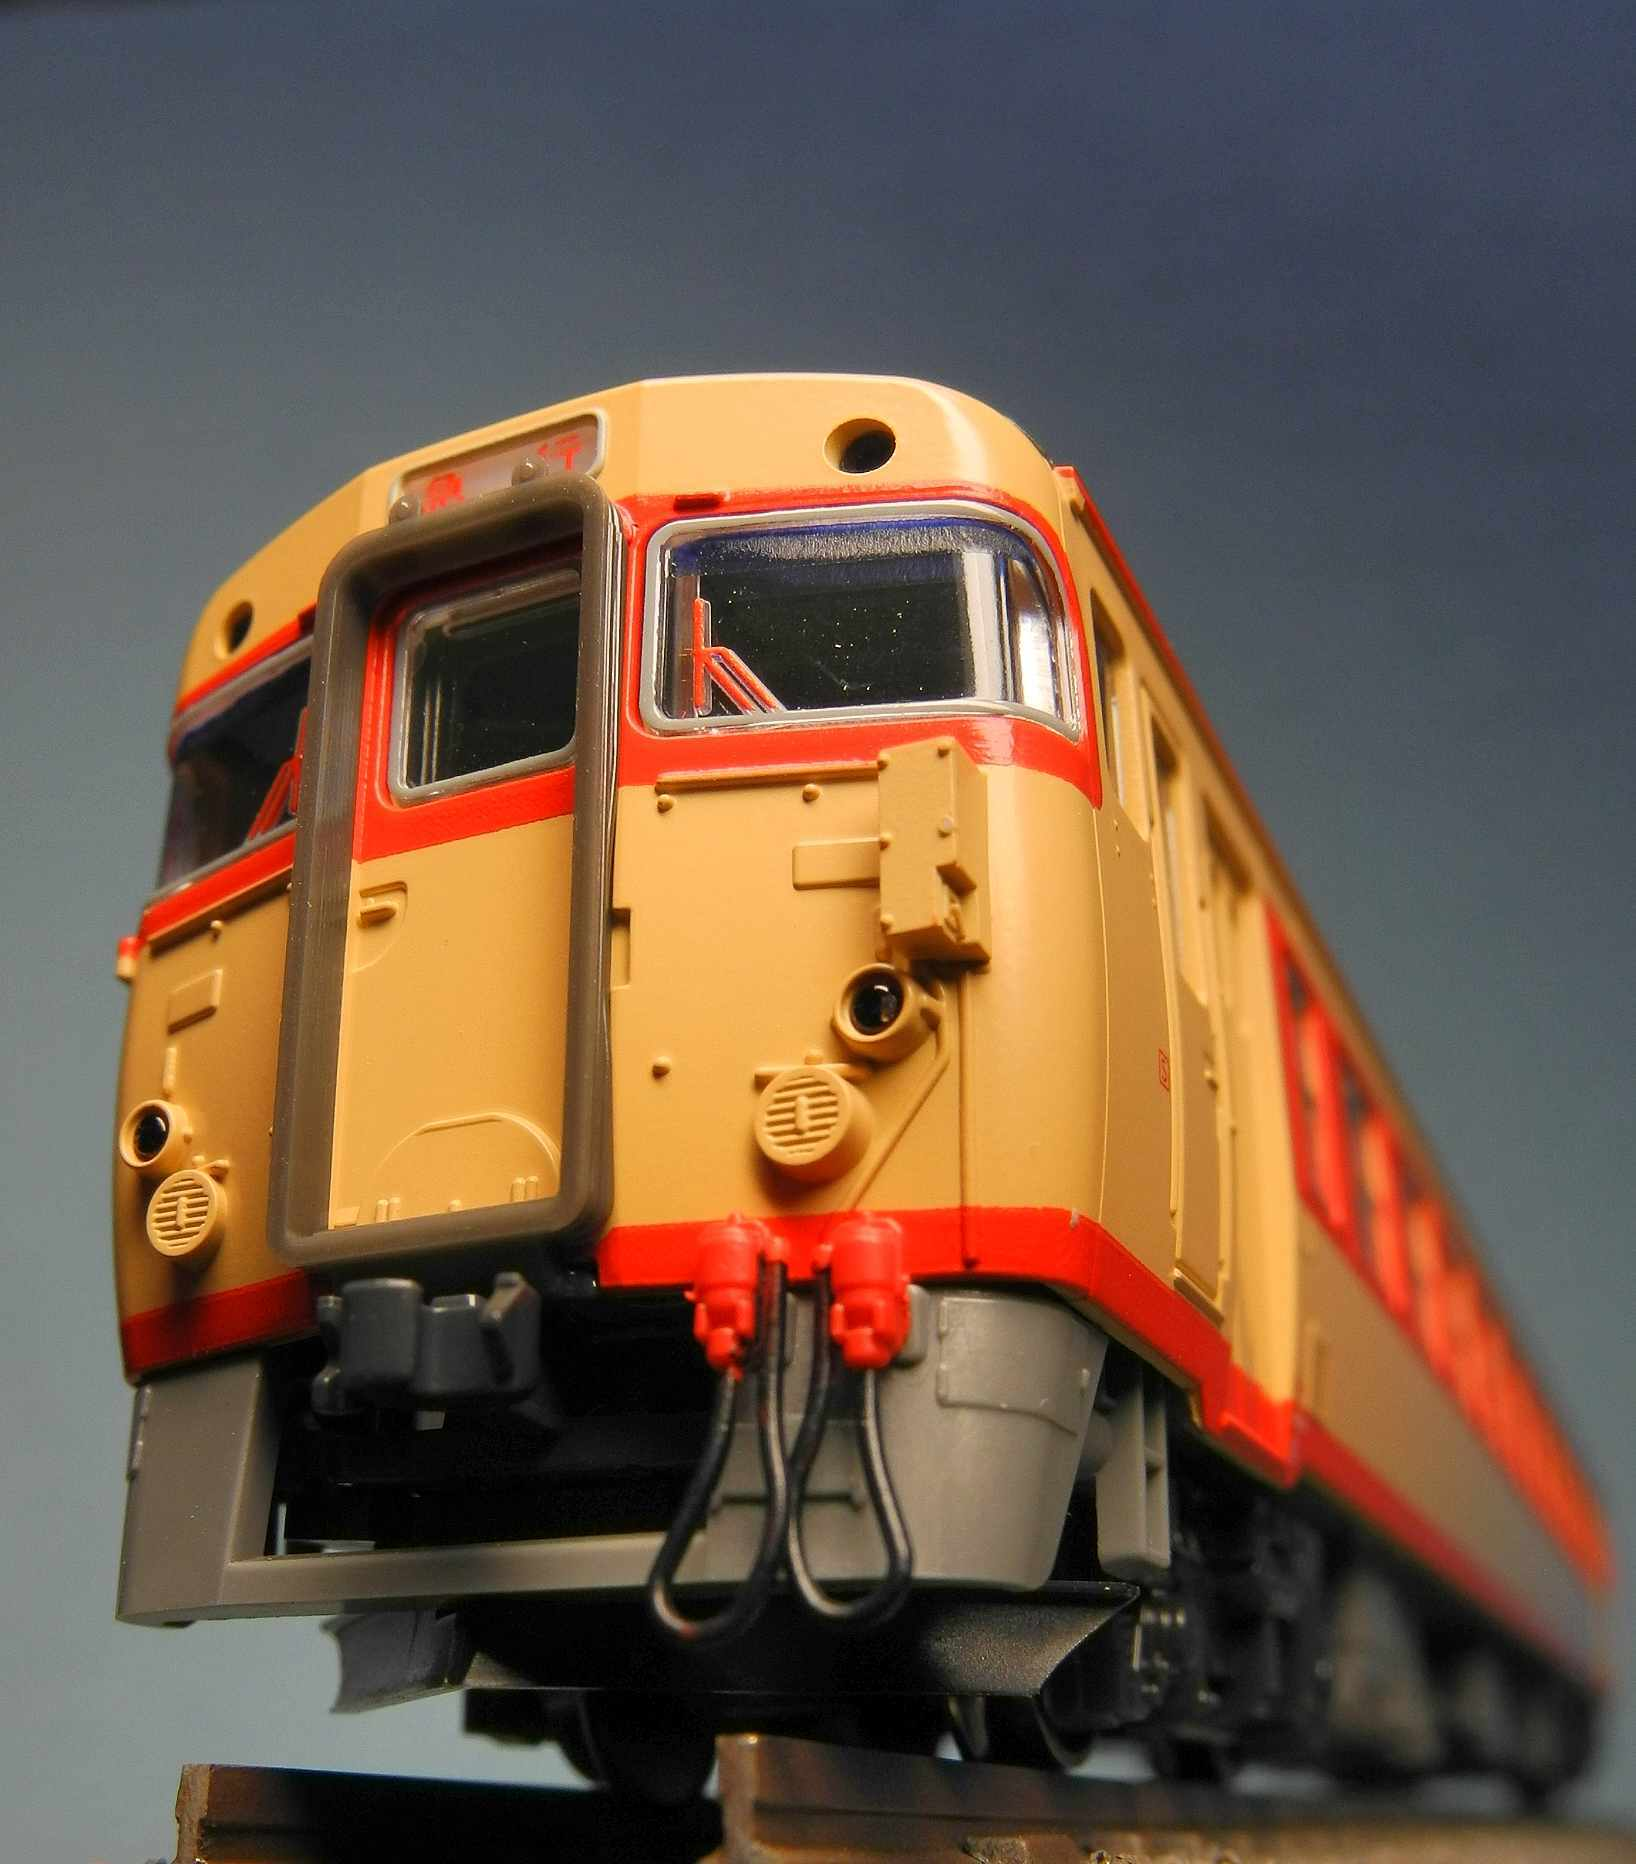 DSCN8800-1.jpg